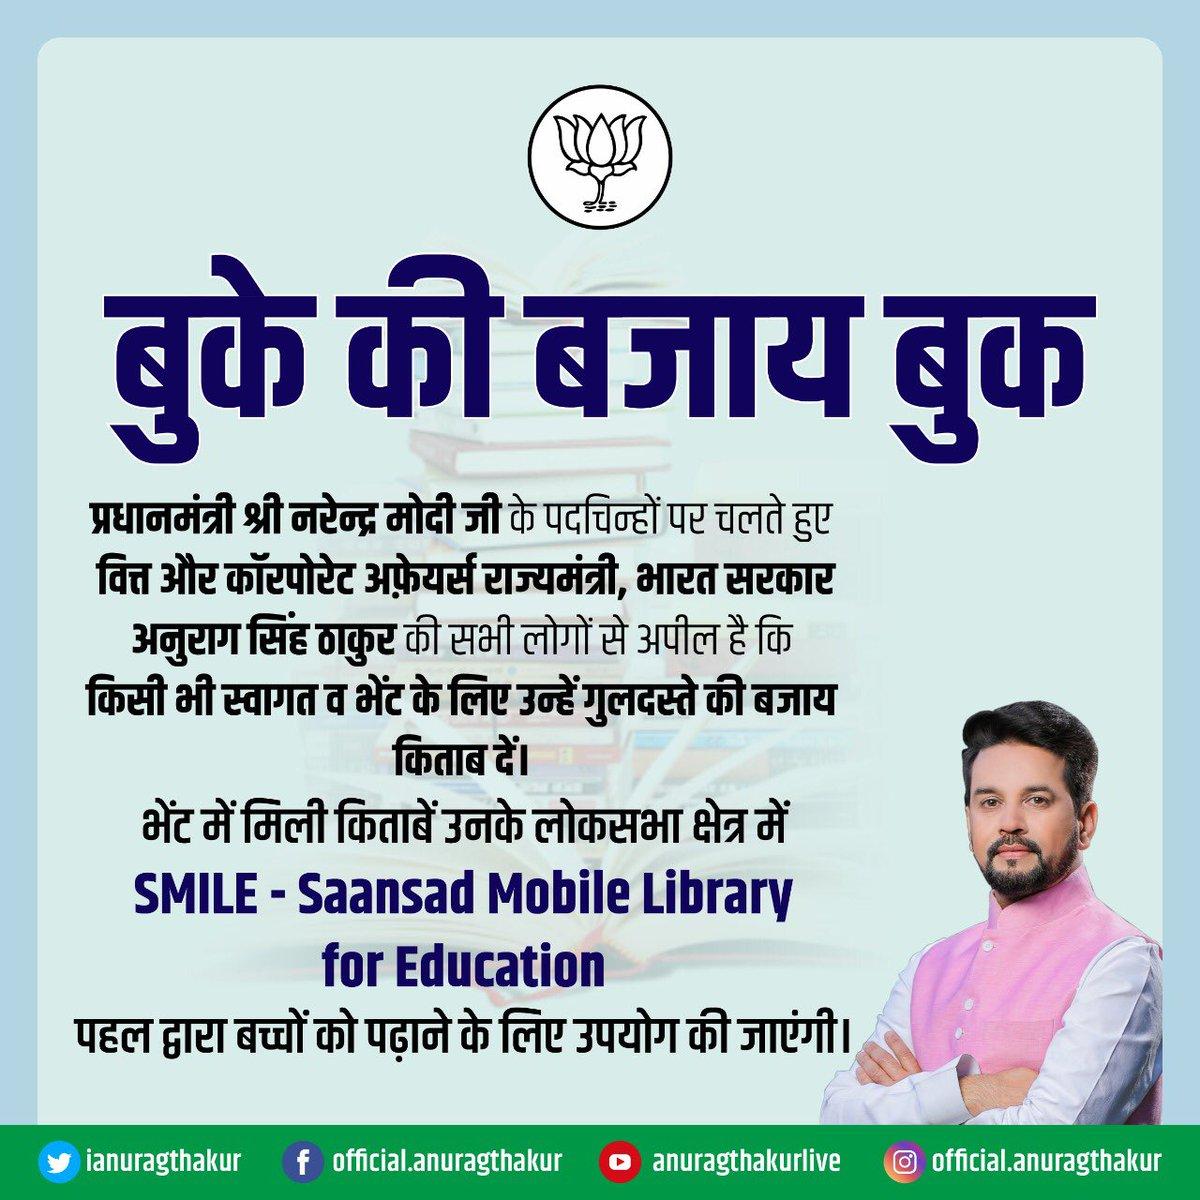 """""""बुके की बजाय बुक""""  मुझसे मिलने और अपनी शुभकामनायें देने वाले सभी लोगों से मेरा विनम्र आग्रह है कि वह मुलाक़ात के दौरान मुझे भेंट स्वरूप गुलदस्ते की बजाय किताबें दें।  LAUNCHING:  📚SMILE-Sansad Mobile Library for Education  Books I receive will be donated for this initiative!"""